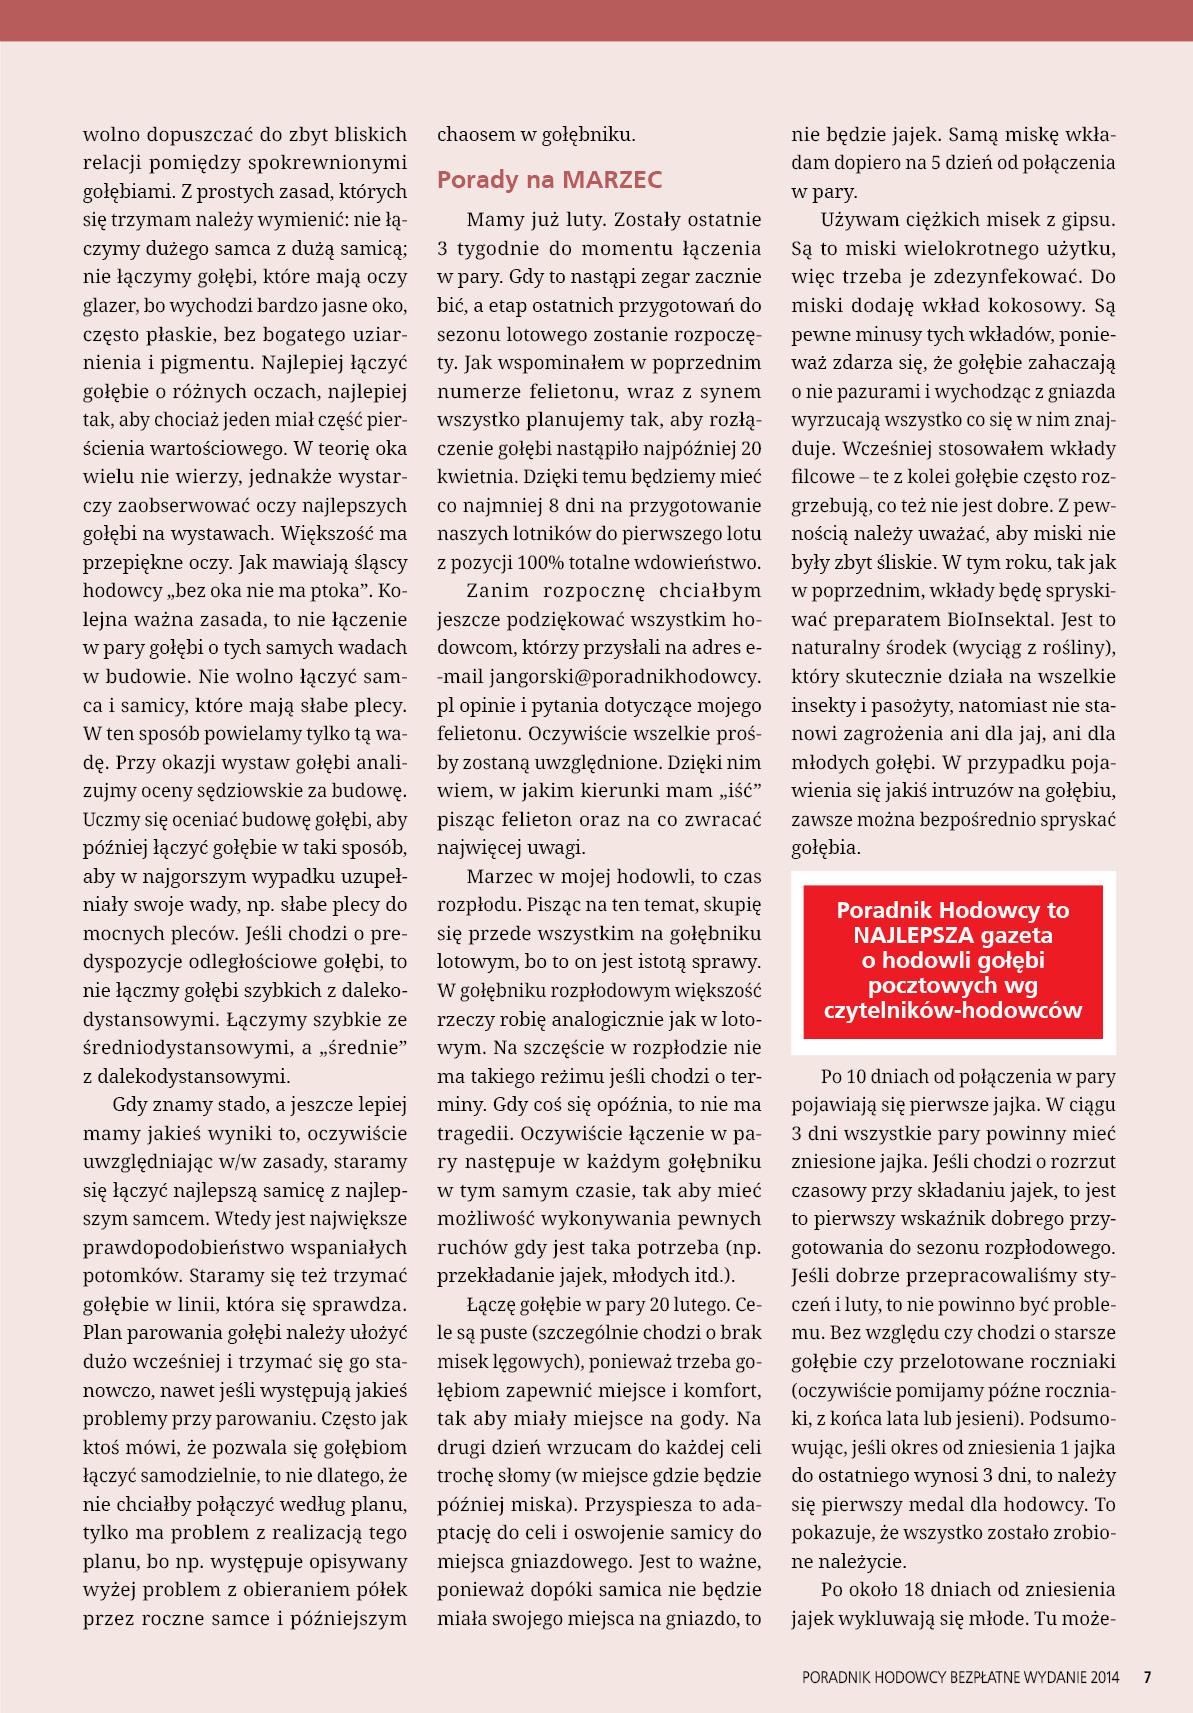 Darmowy numer specjalny Poradnika Hodowcy 2014 - strona 7